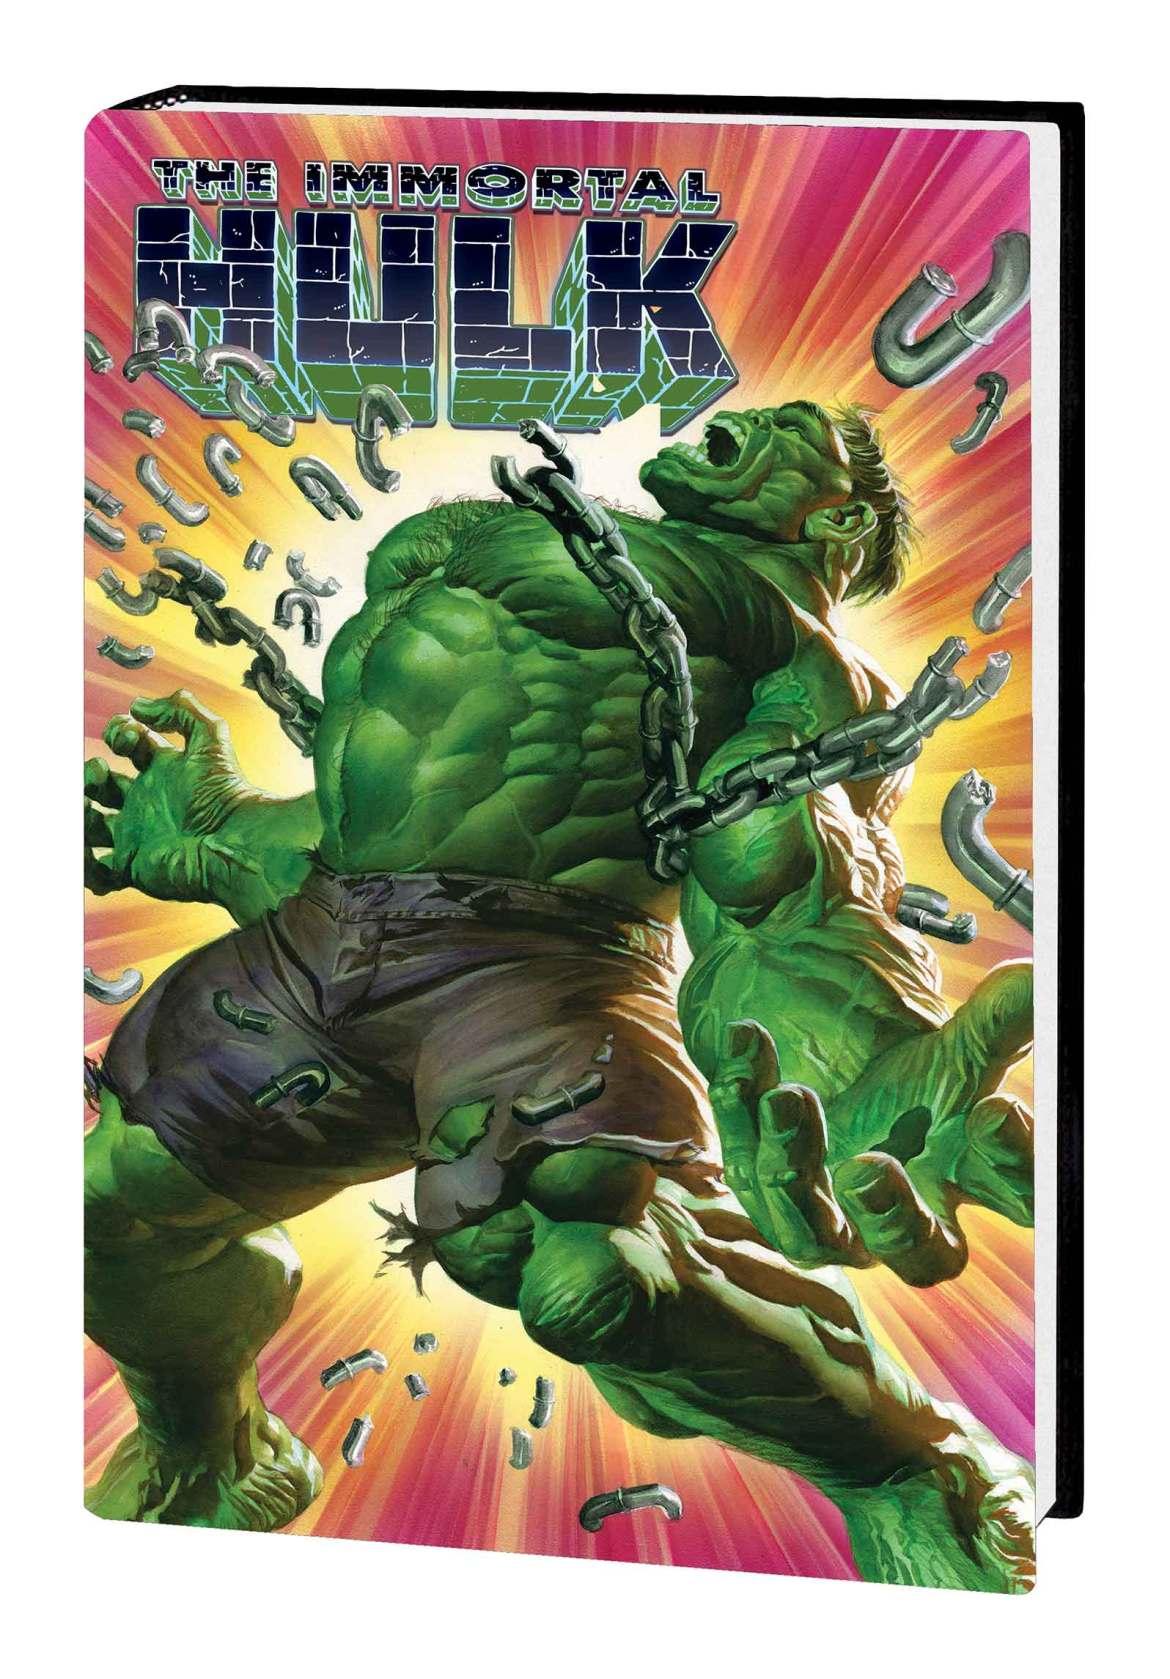 HULK_VOL_4_HC Marvel Comics May 2021 Solicitations